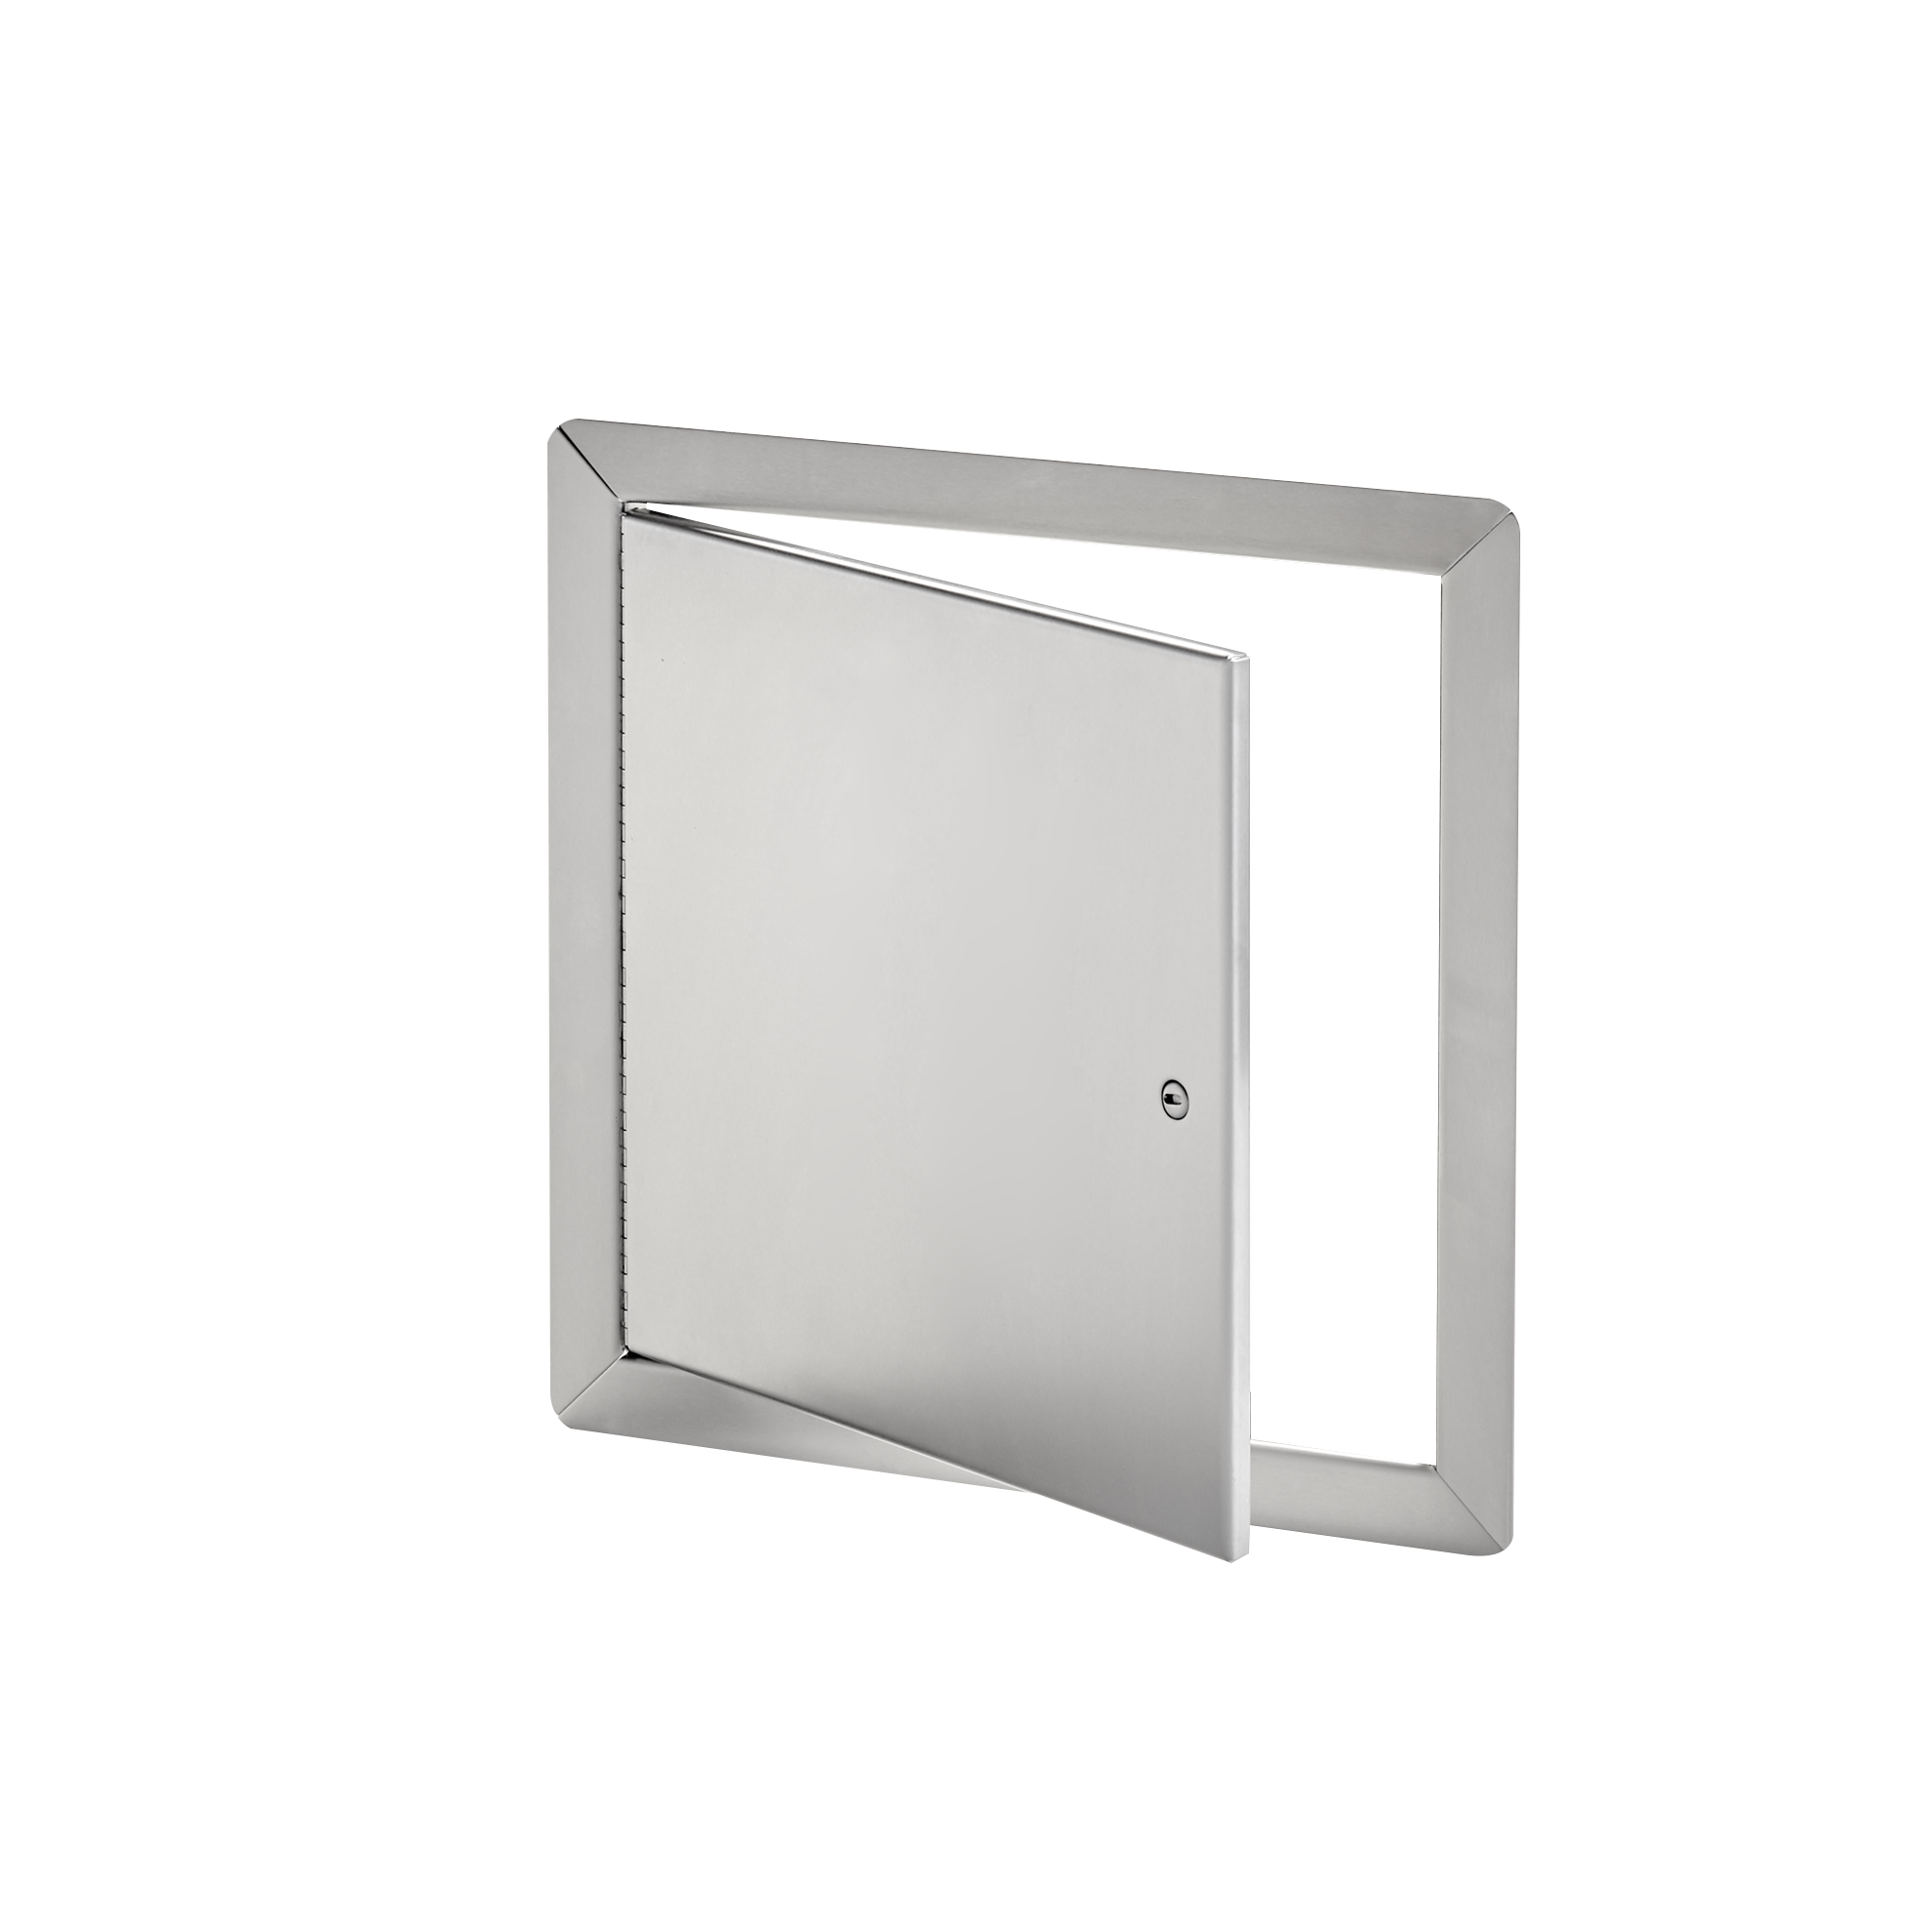 AHD-SS-00- Panneau d'accès à usage universel, en acier inoxydable, avec cadre apparent- loquet à tournevis, penture de type goupille